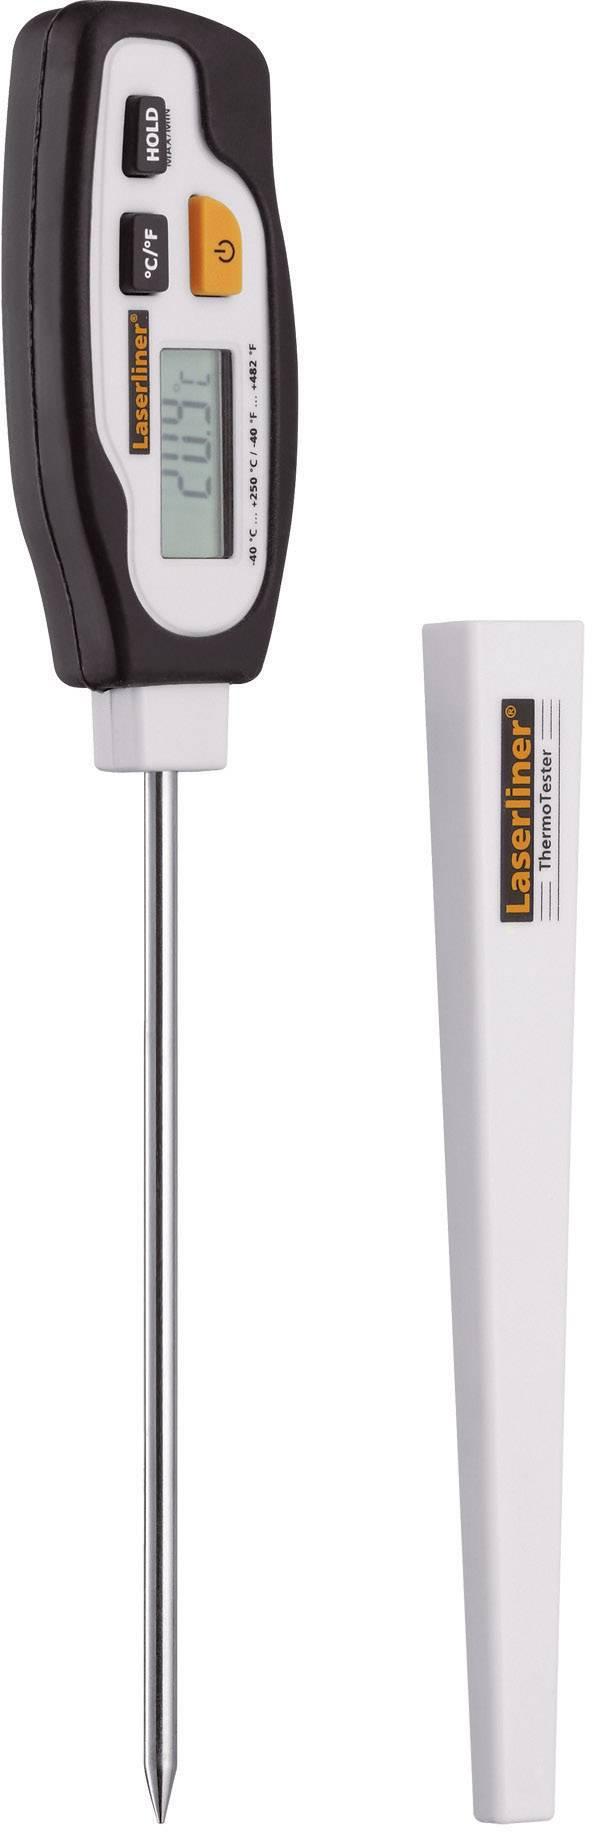 Vpichovací teploměr Laserliner ThermoTester Teplotní rozsah -40 až 250 °C, typ senzoru NTC Kalibrováno dle ISO